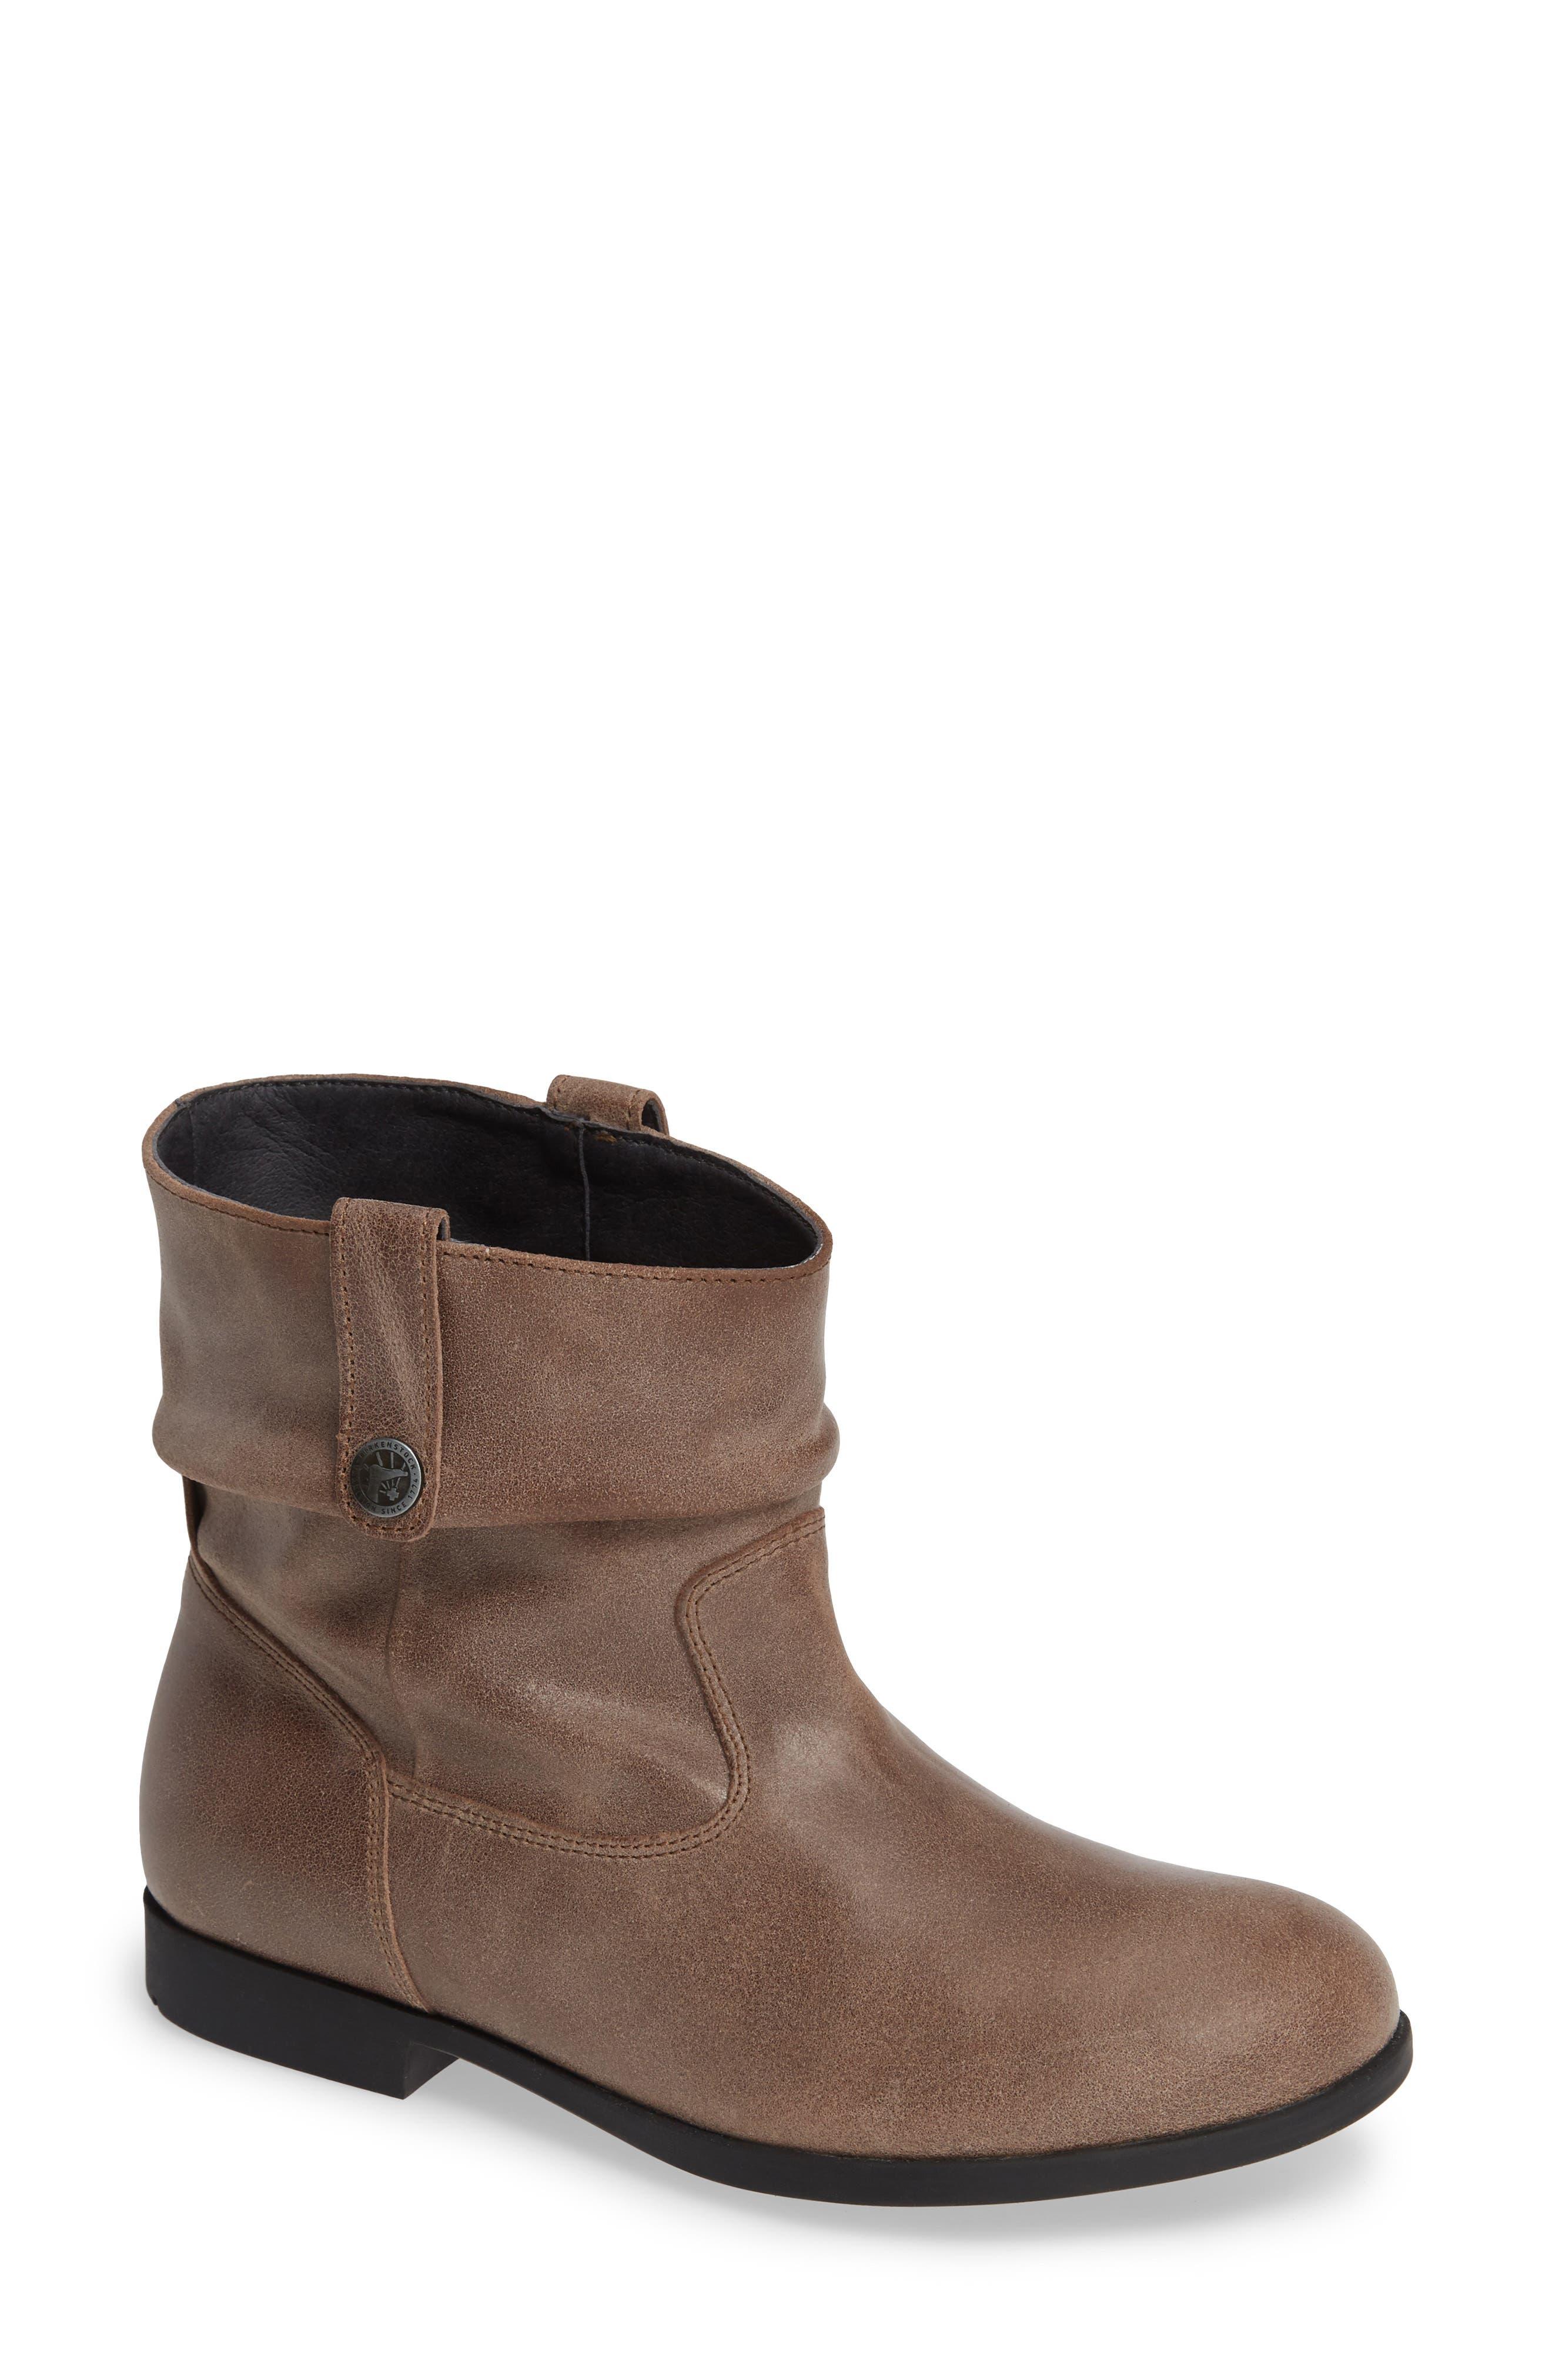 'Sarnia' Boot,                         Main,                         color, MUD SUEDE